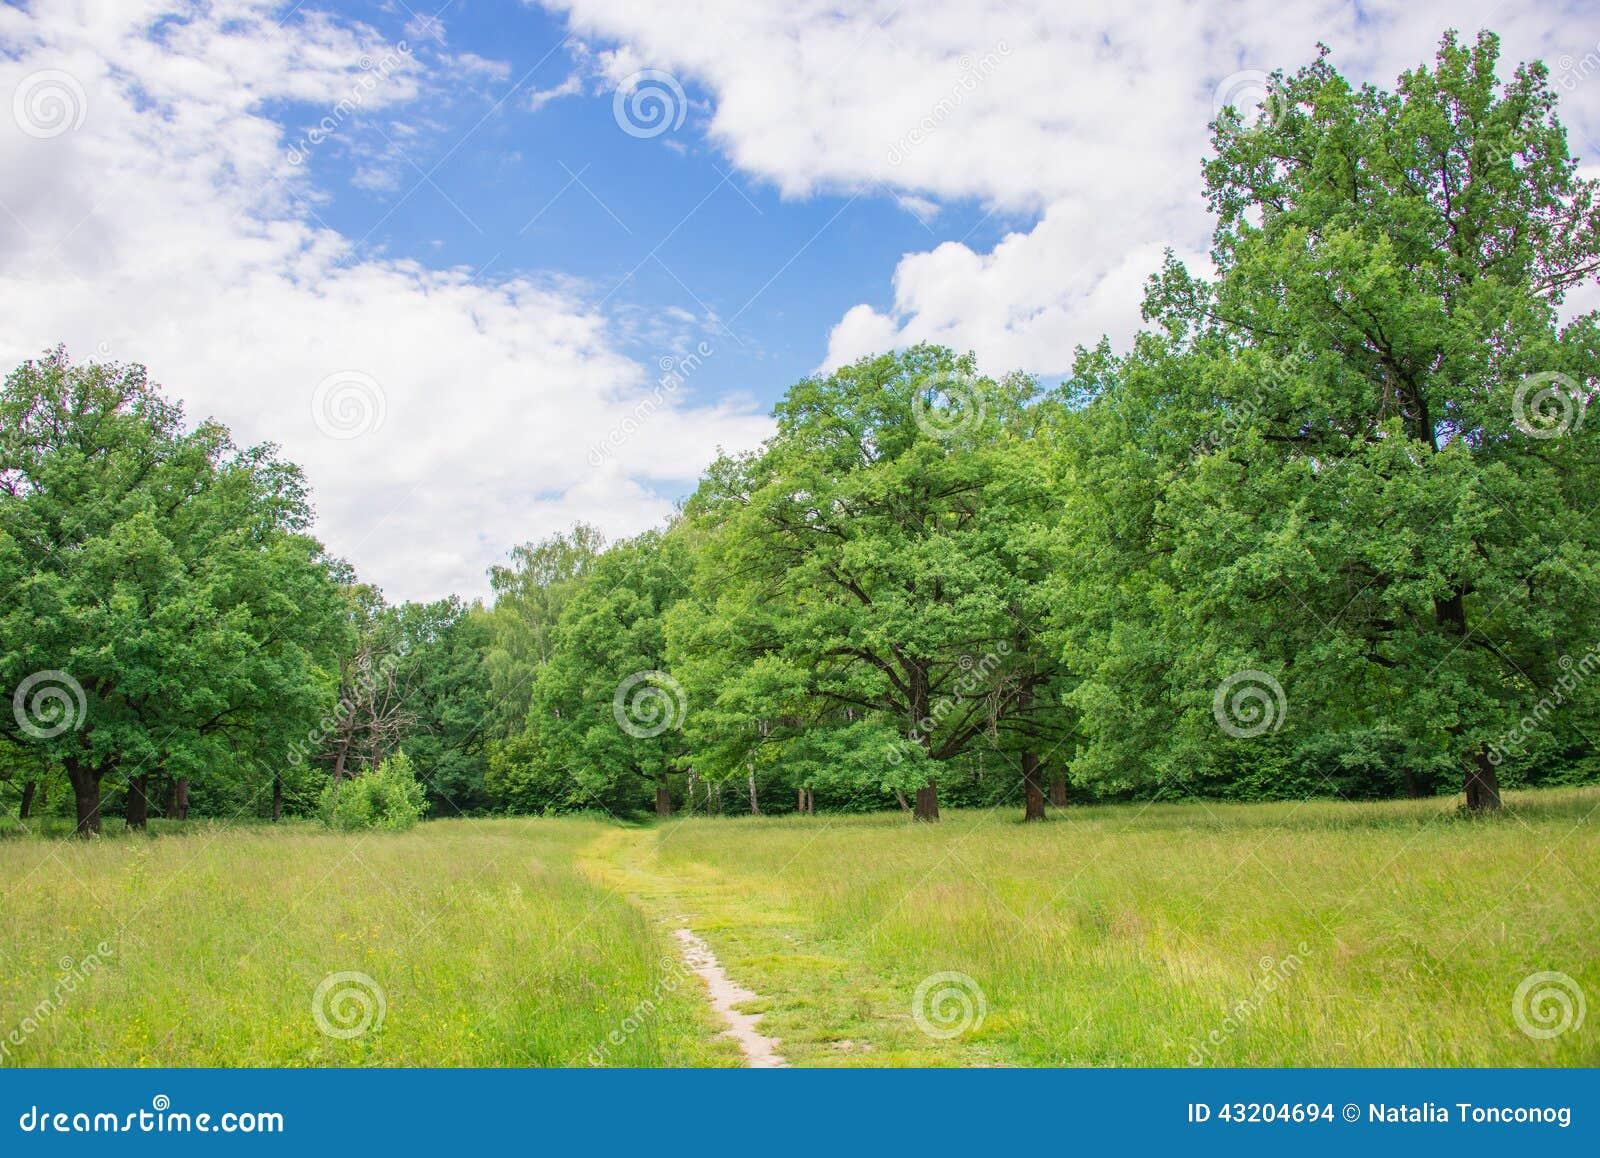 Download Det härligt landskap arkivfoto. Bild av mång, solljus - 43204694